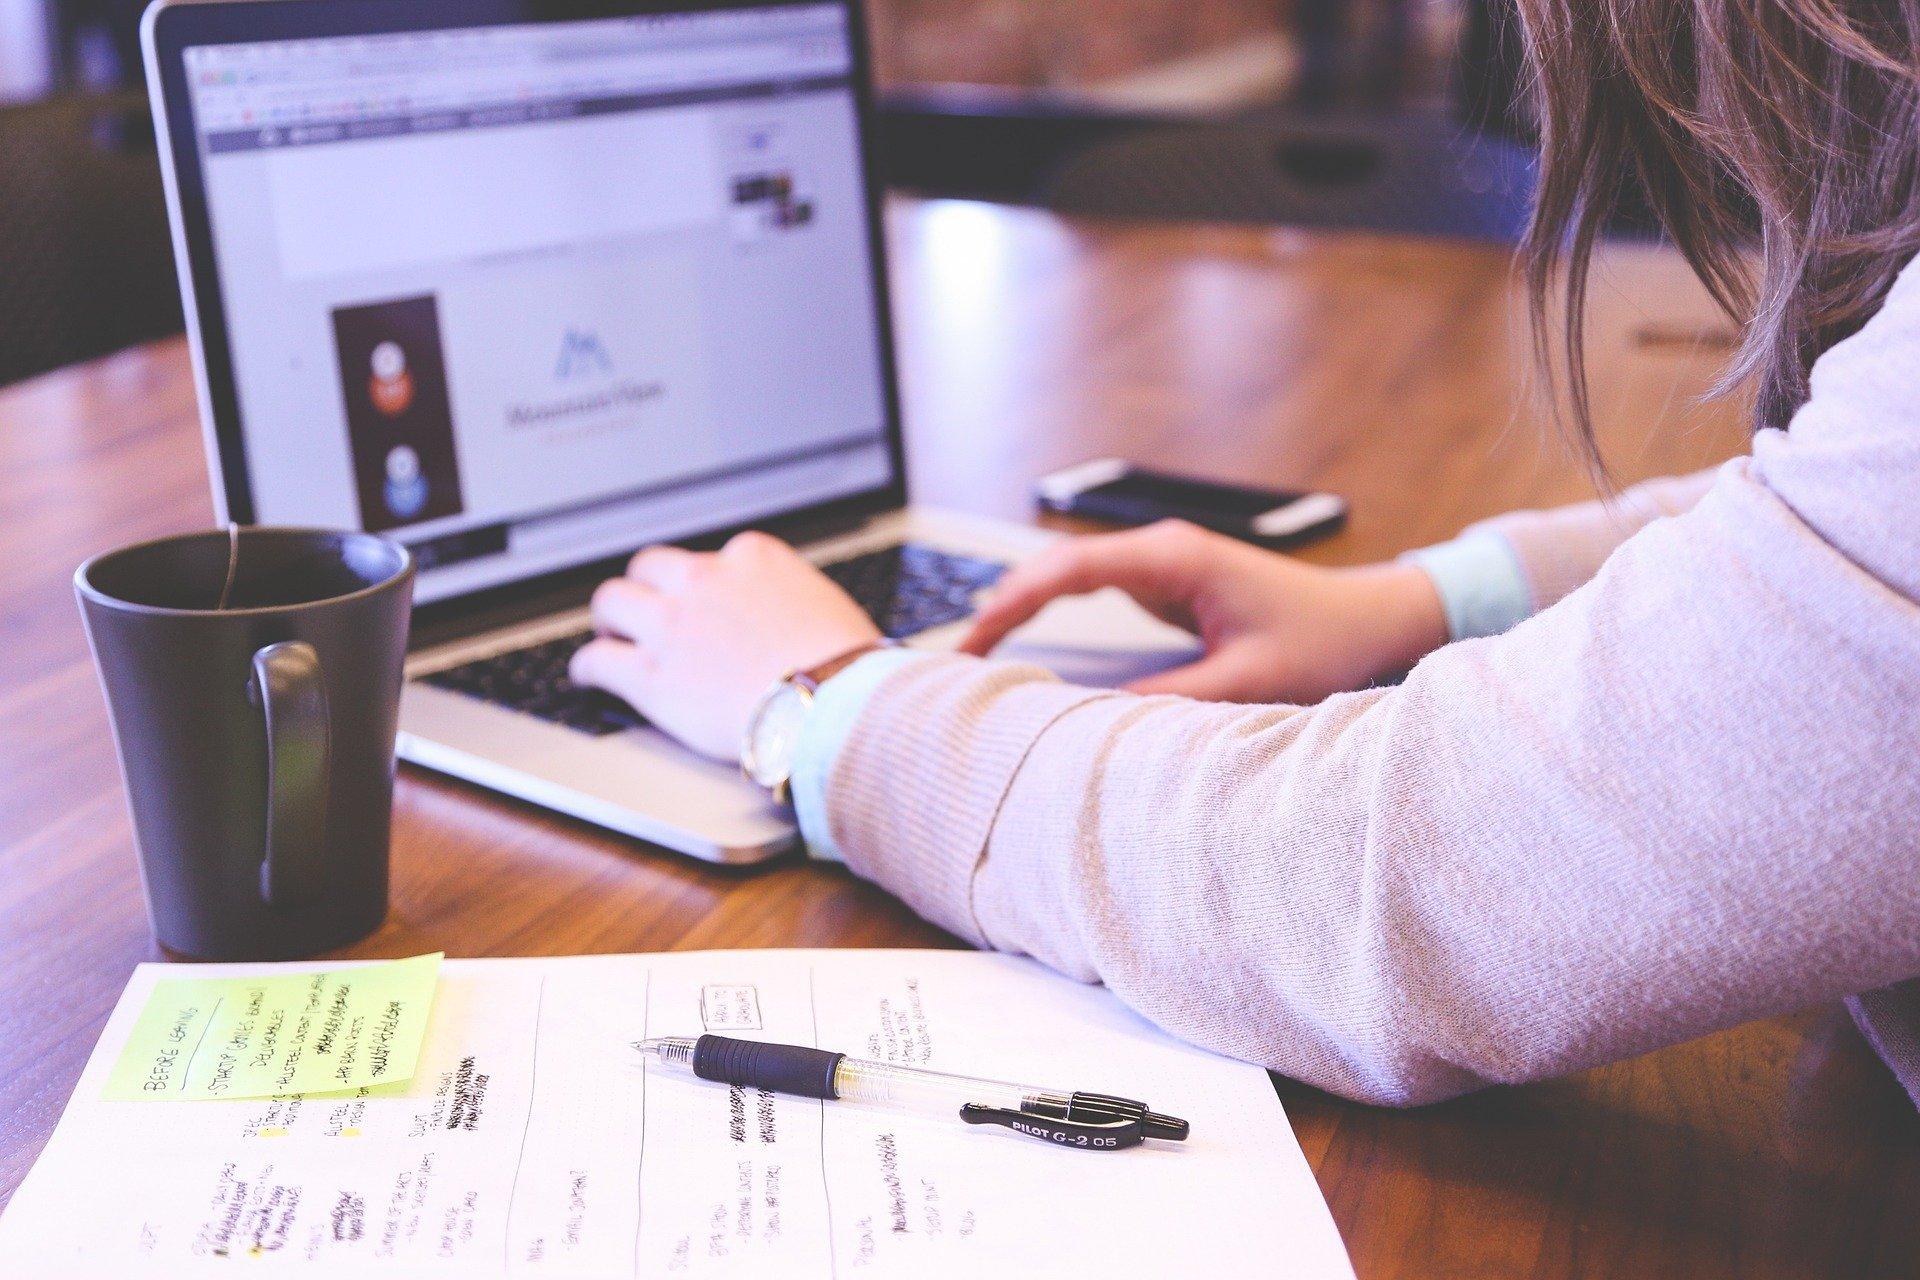 ¿Cómo puedo asegurar que mis clases online sean eficientes y se desarrollen en un entorno virtual?